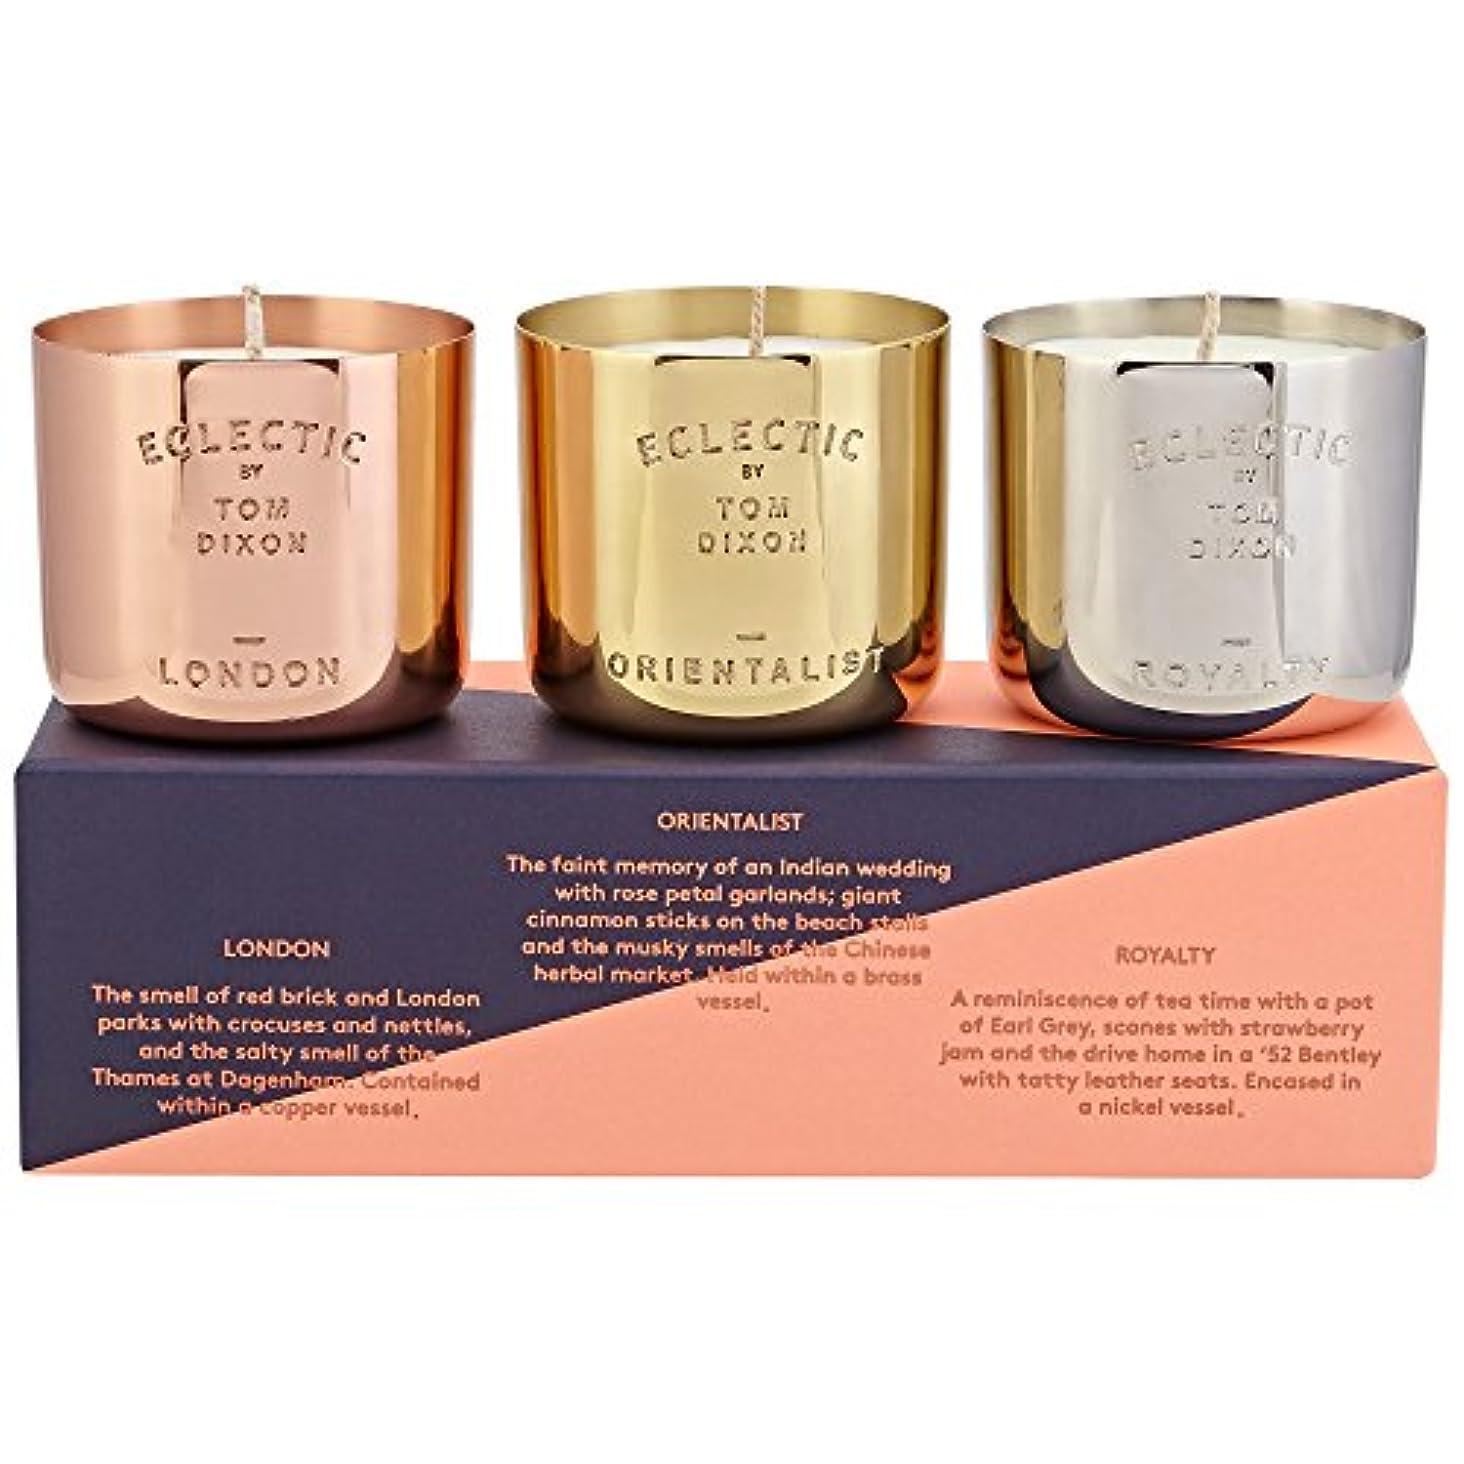 隠ルーこするTom Dixon Scented Candle Gift Set - トムディクソン香りのキャンドルギフトセット [並行輸入品]